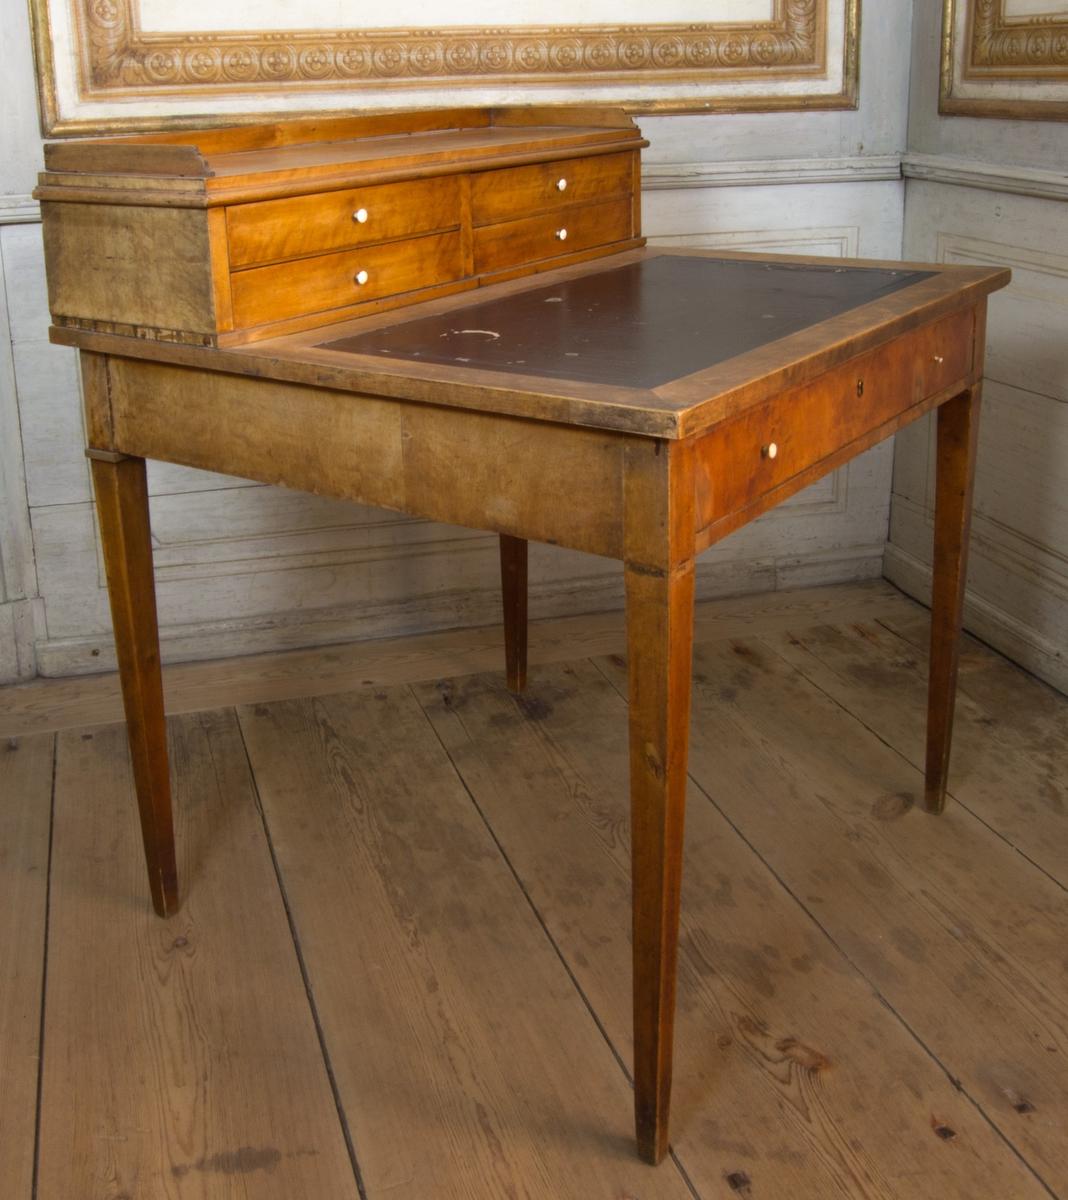 Skrivbord med uppsats av brunbetsad björkfaner på furu. Med infälld mörk vaxduk och med låda på kortsidan med nyckelhålsbussning av mässing och två knoppar av ben. Raka nedåt avsmalnande ben. Uppsatsen med trågsarg och fyra draglådor med knoppar av ben. Den högra nedre lådan med fackinredning för skrivsaker.